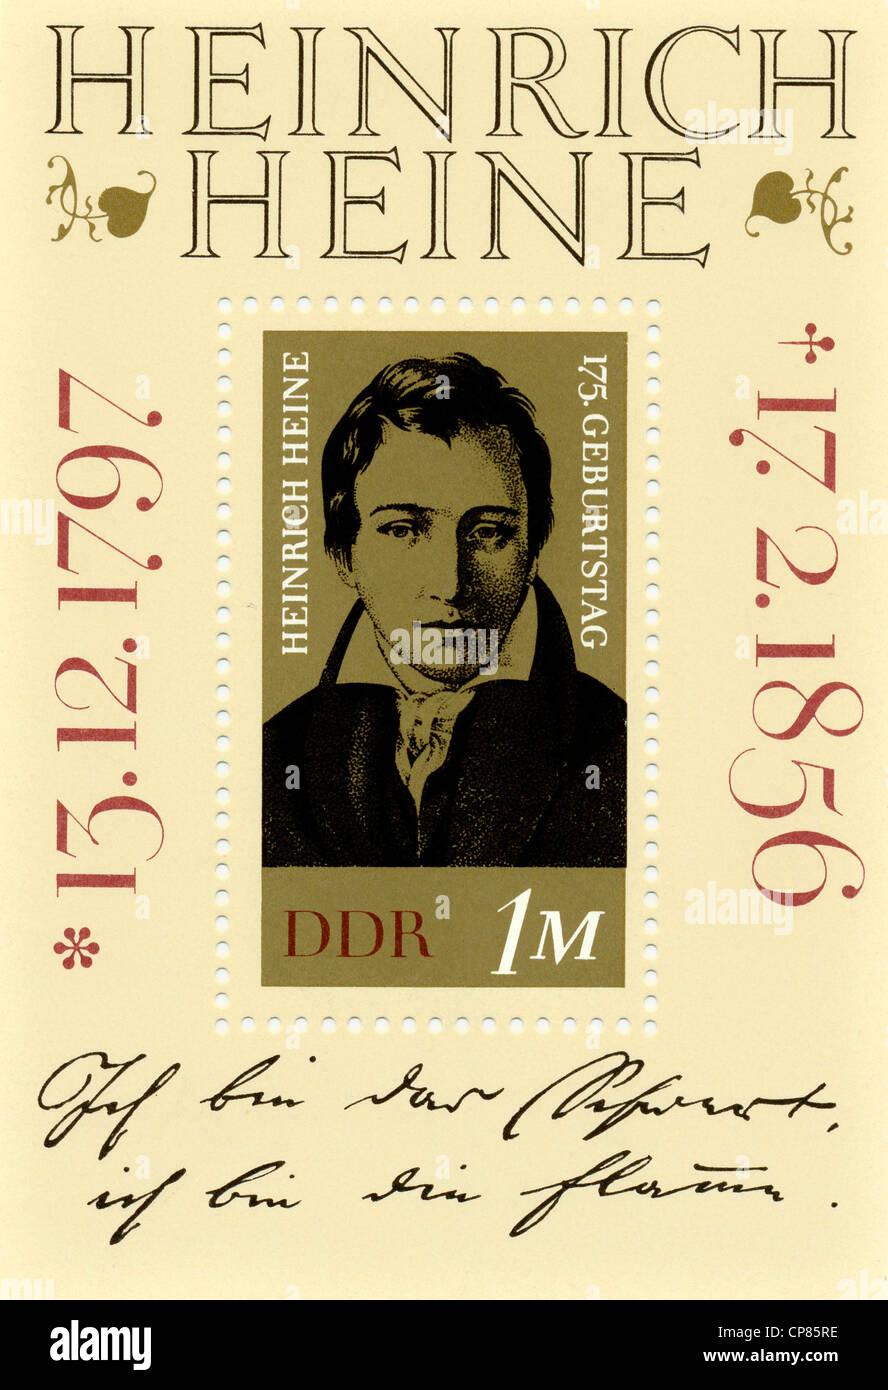 Historic postage stamps, GDR, Historische Briefmarke der DDR, Heinrich Heine, Deutsche Demokratische Republik, 1972 - Stock Image